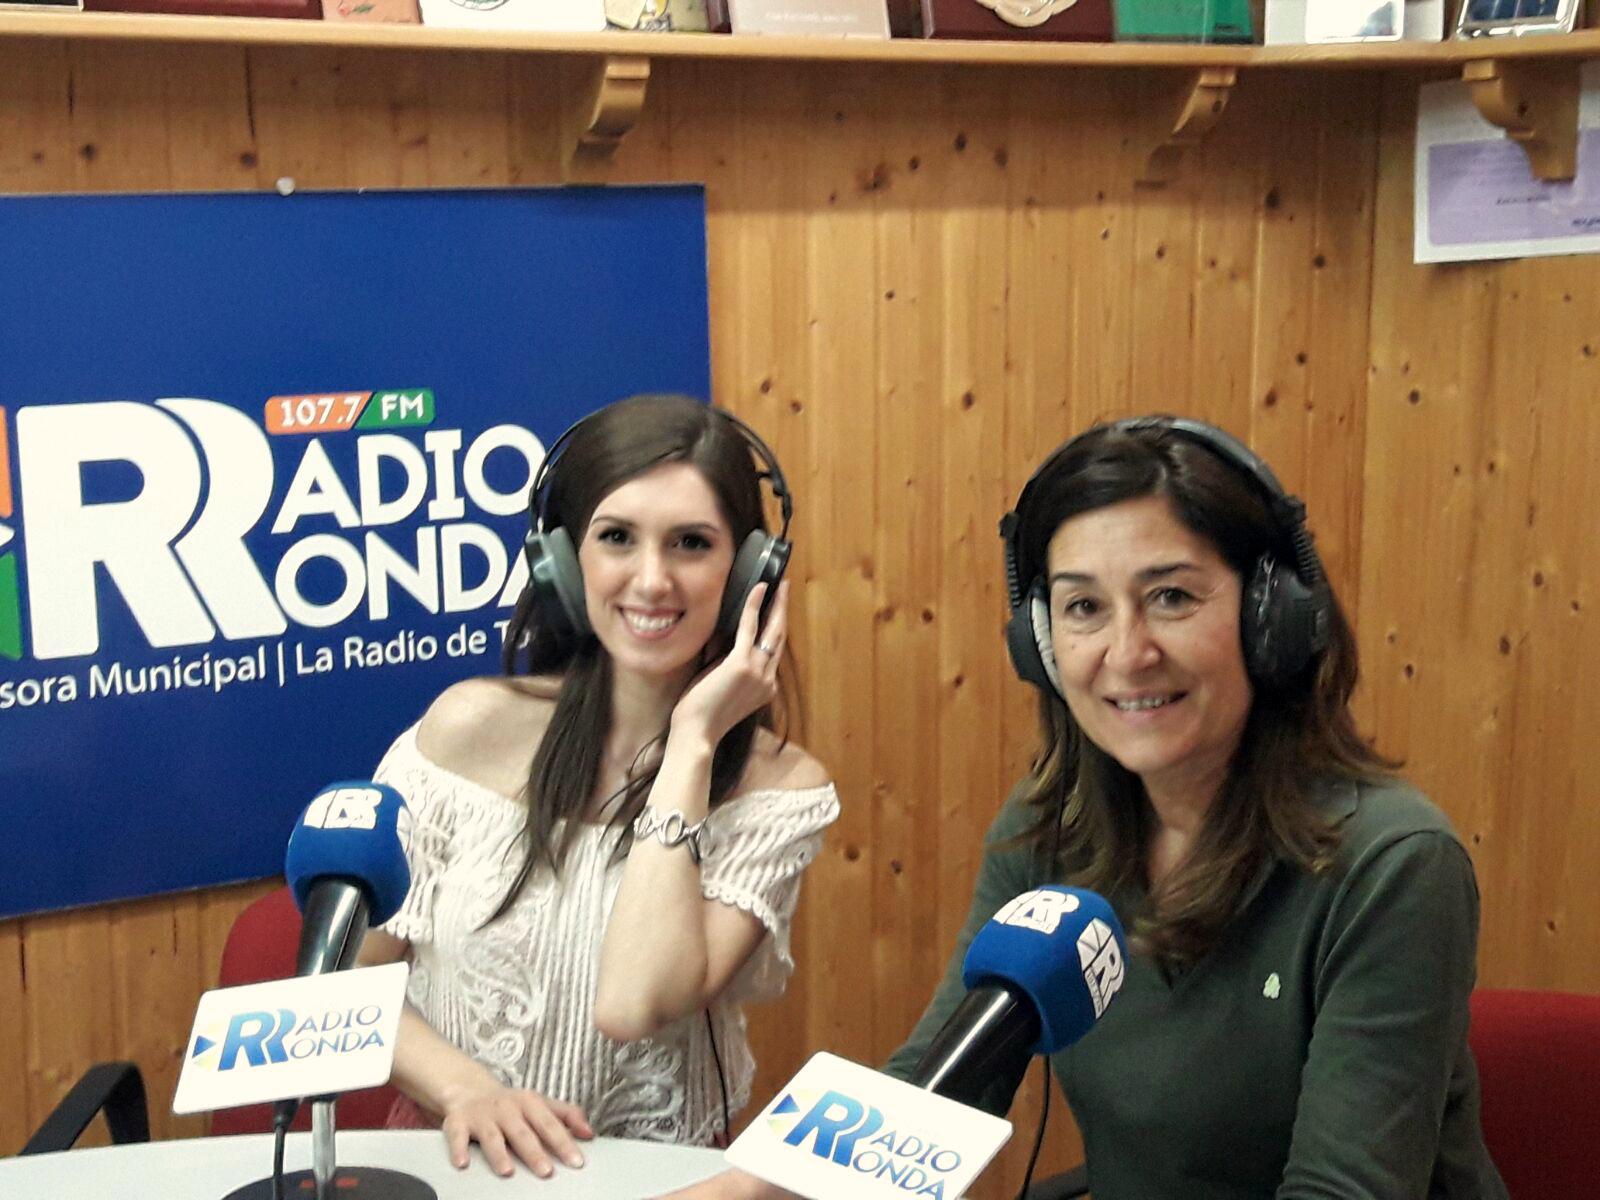 Entrevista a Maricarmen Molina en Radio Ronda con Milagros Calle